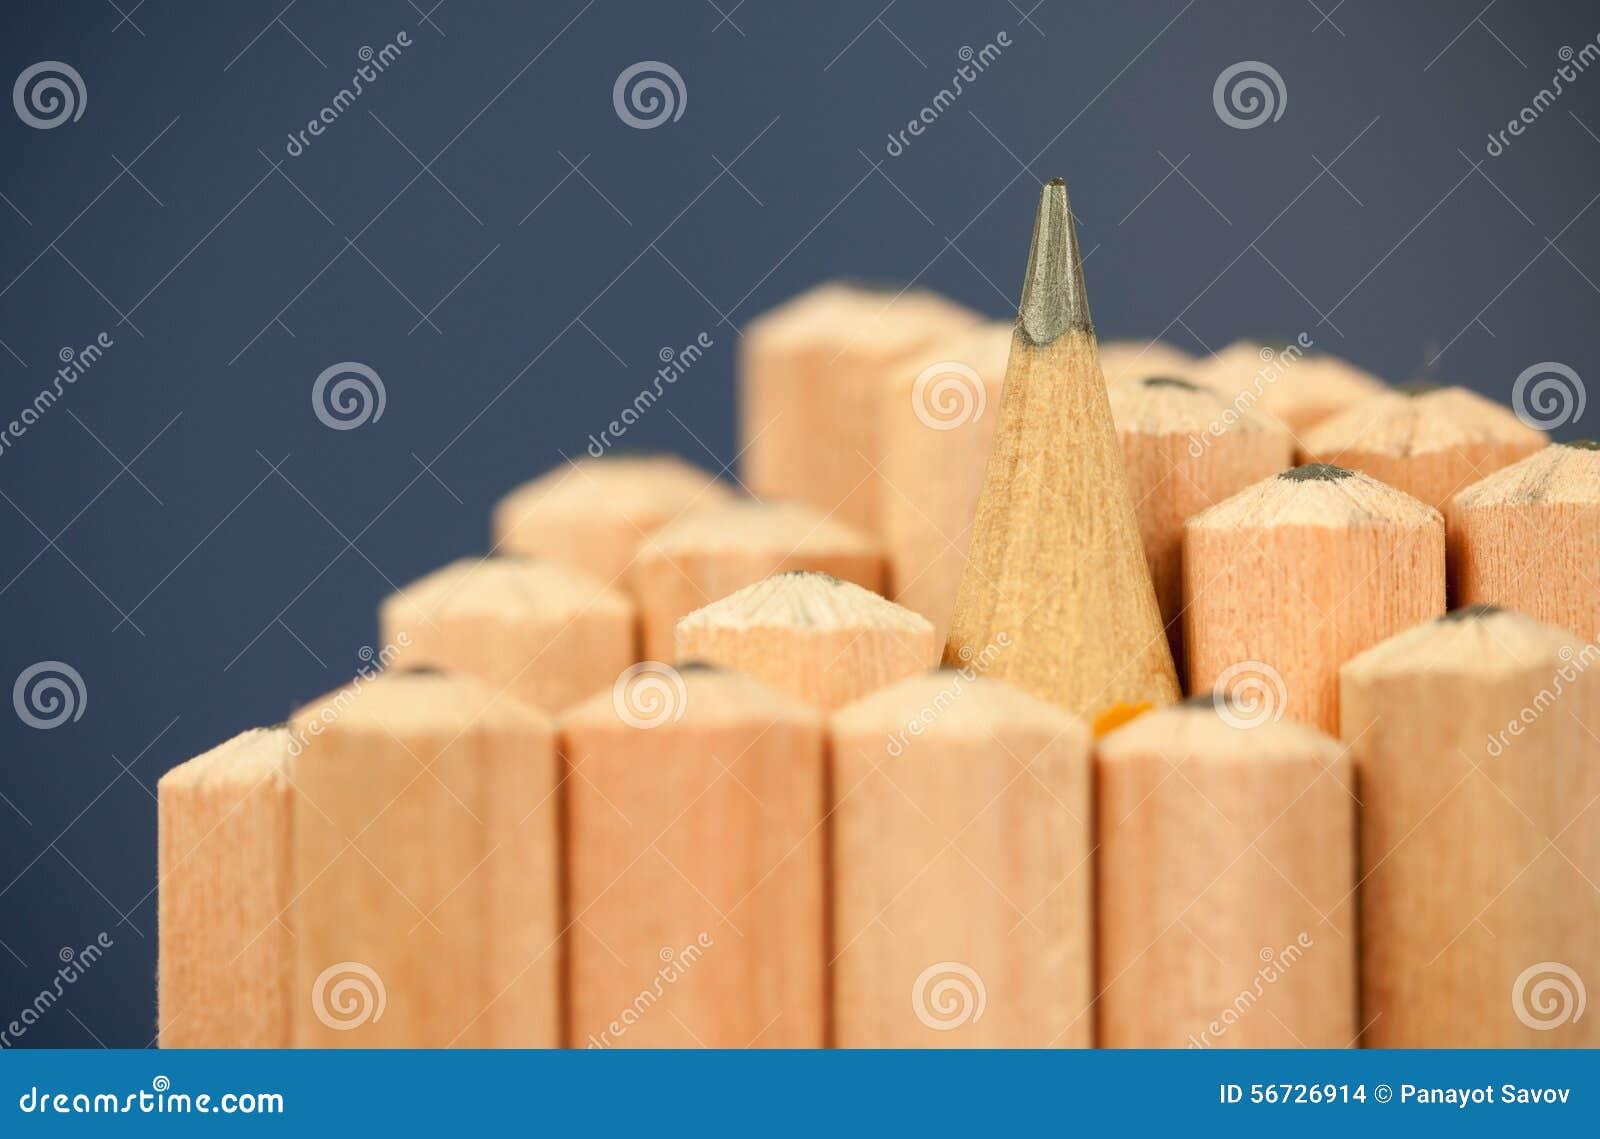 Imagem macro da ponta da grafite de um lápis de madeira ordinário afiado como o desenho e a ferramenta de esboço, estando entre o